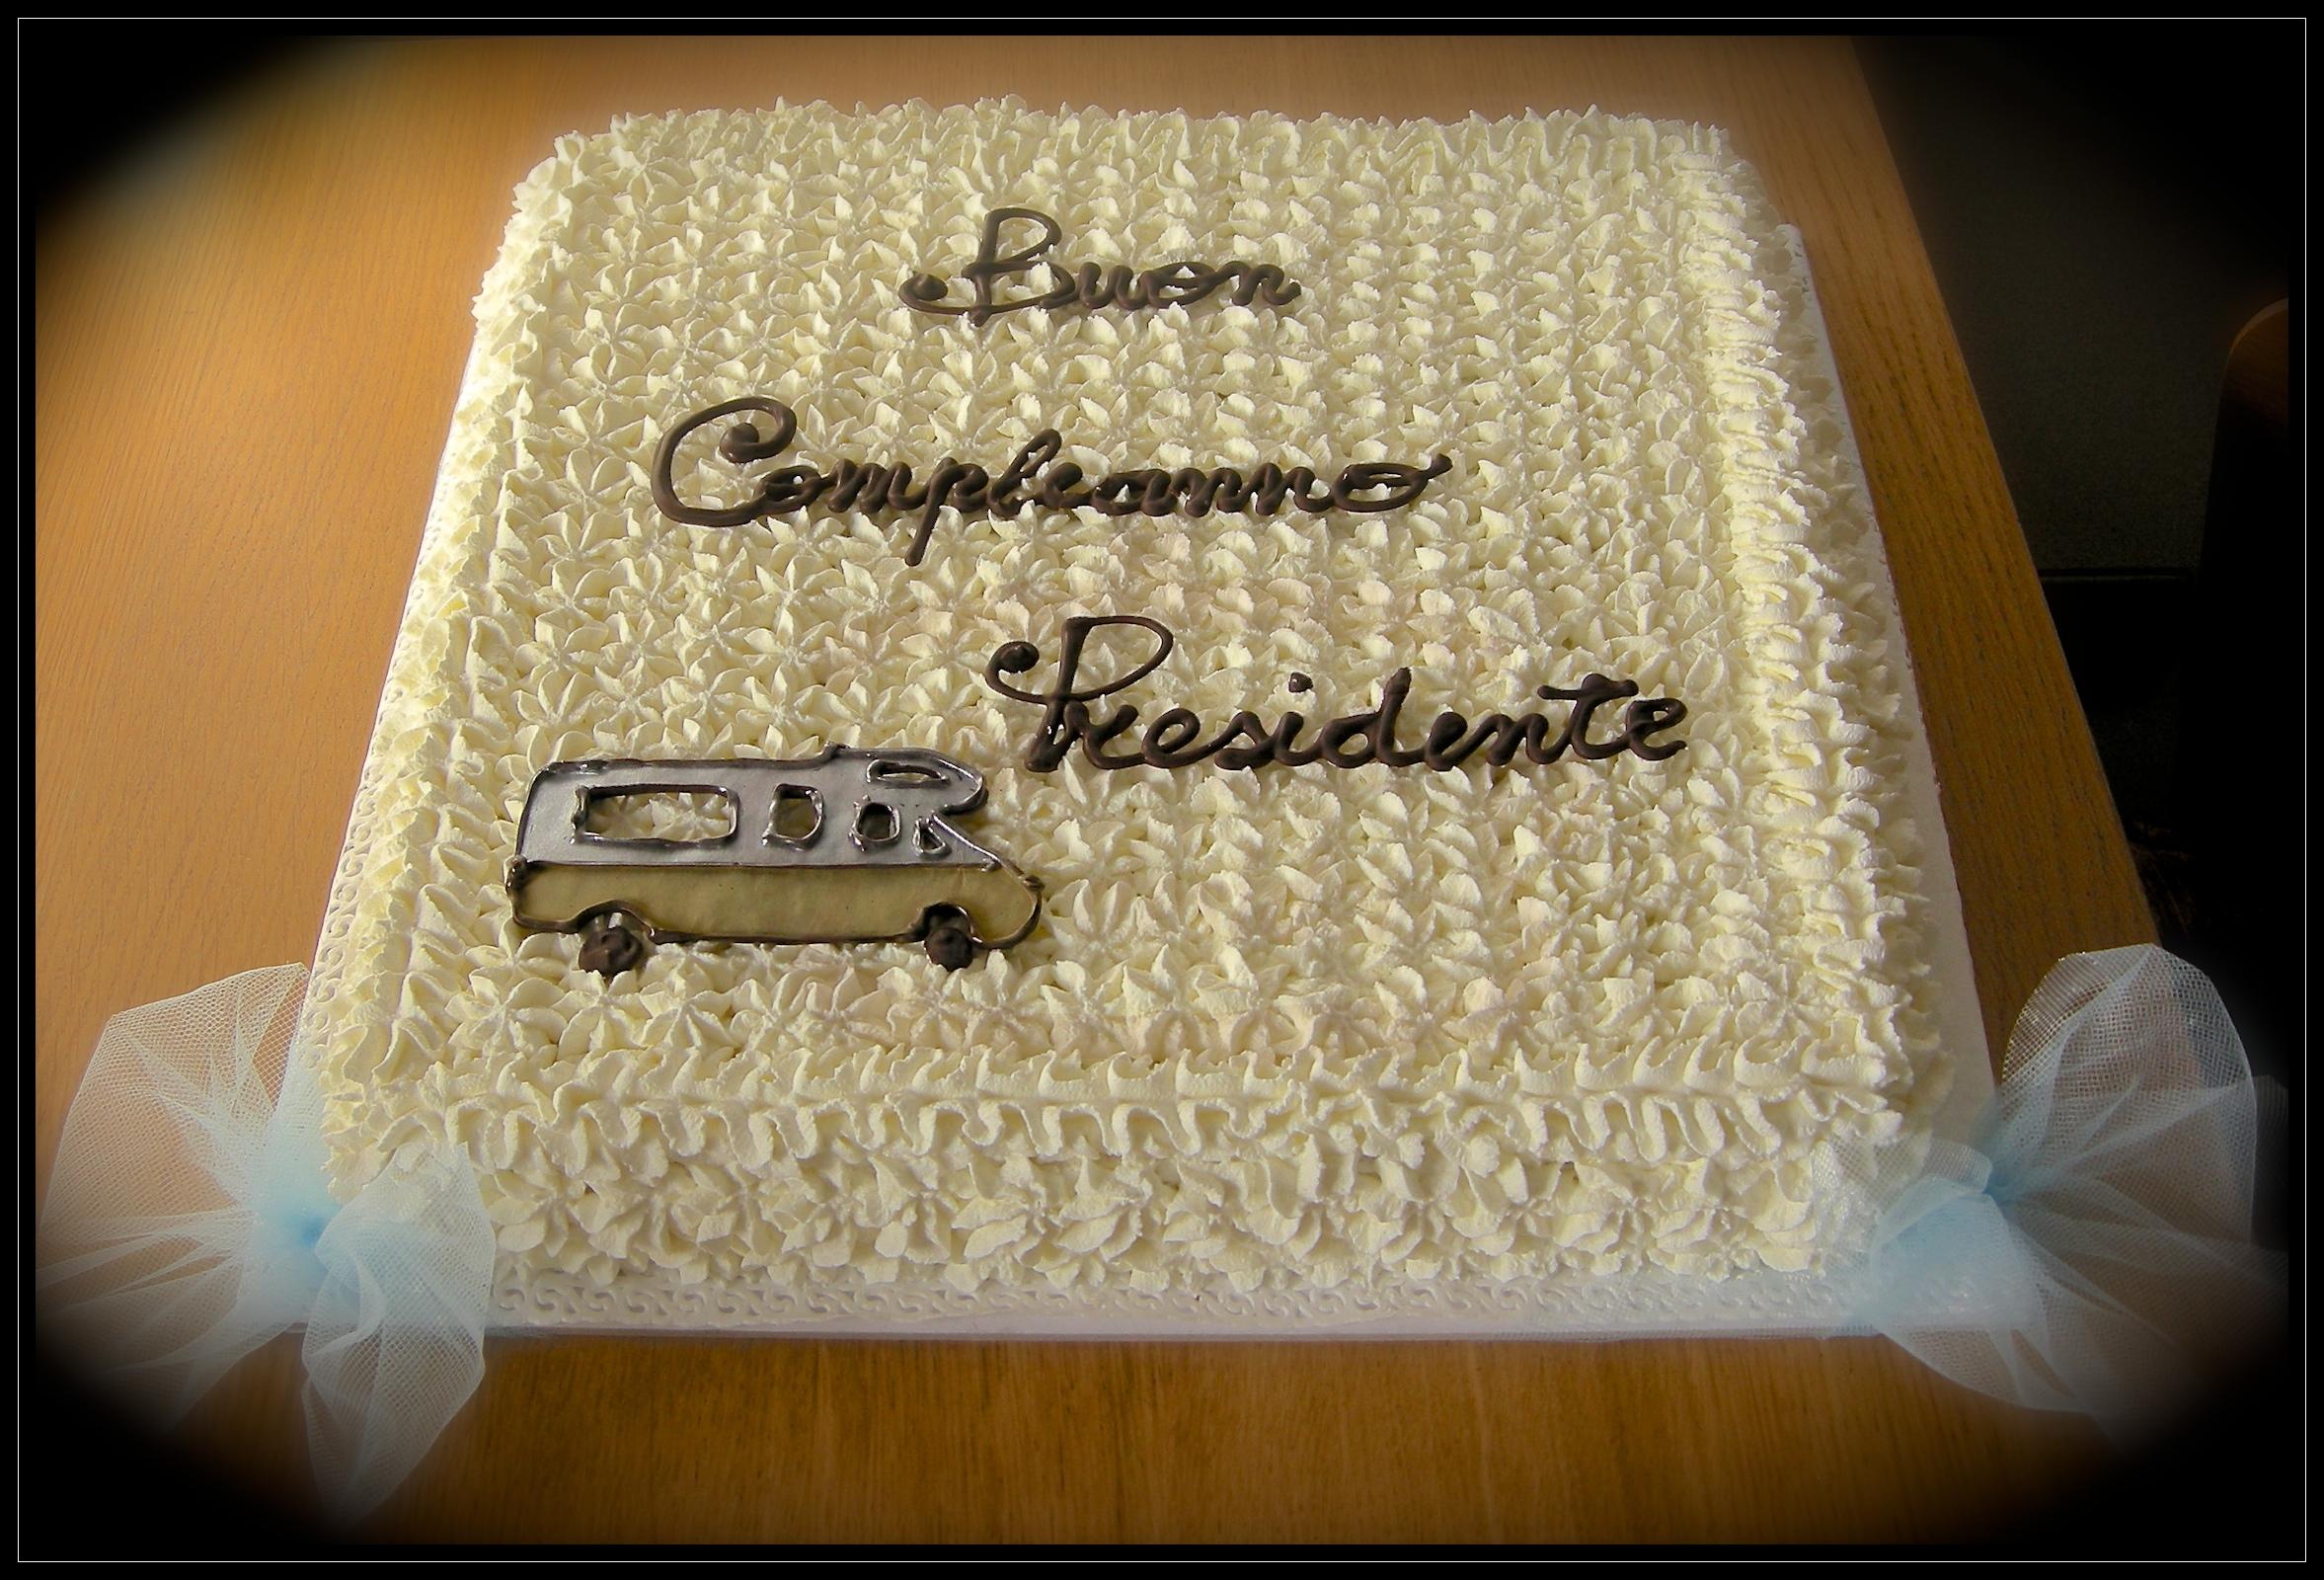 """Torta compleanno: """"Auguri presidente!"""""""